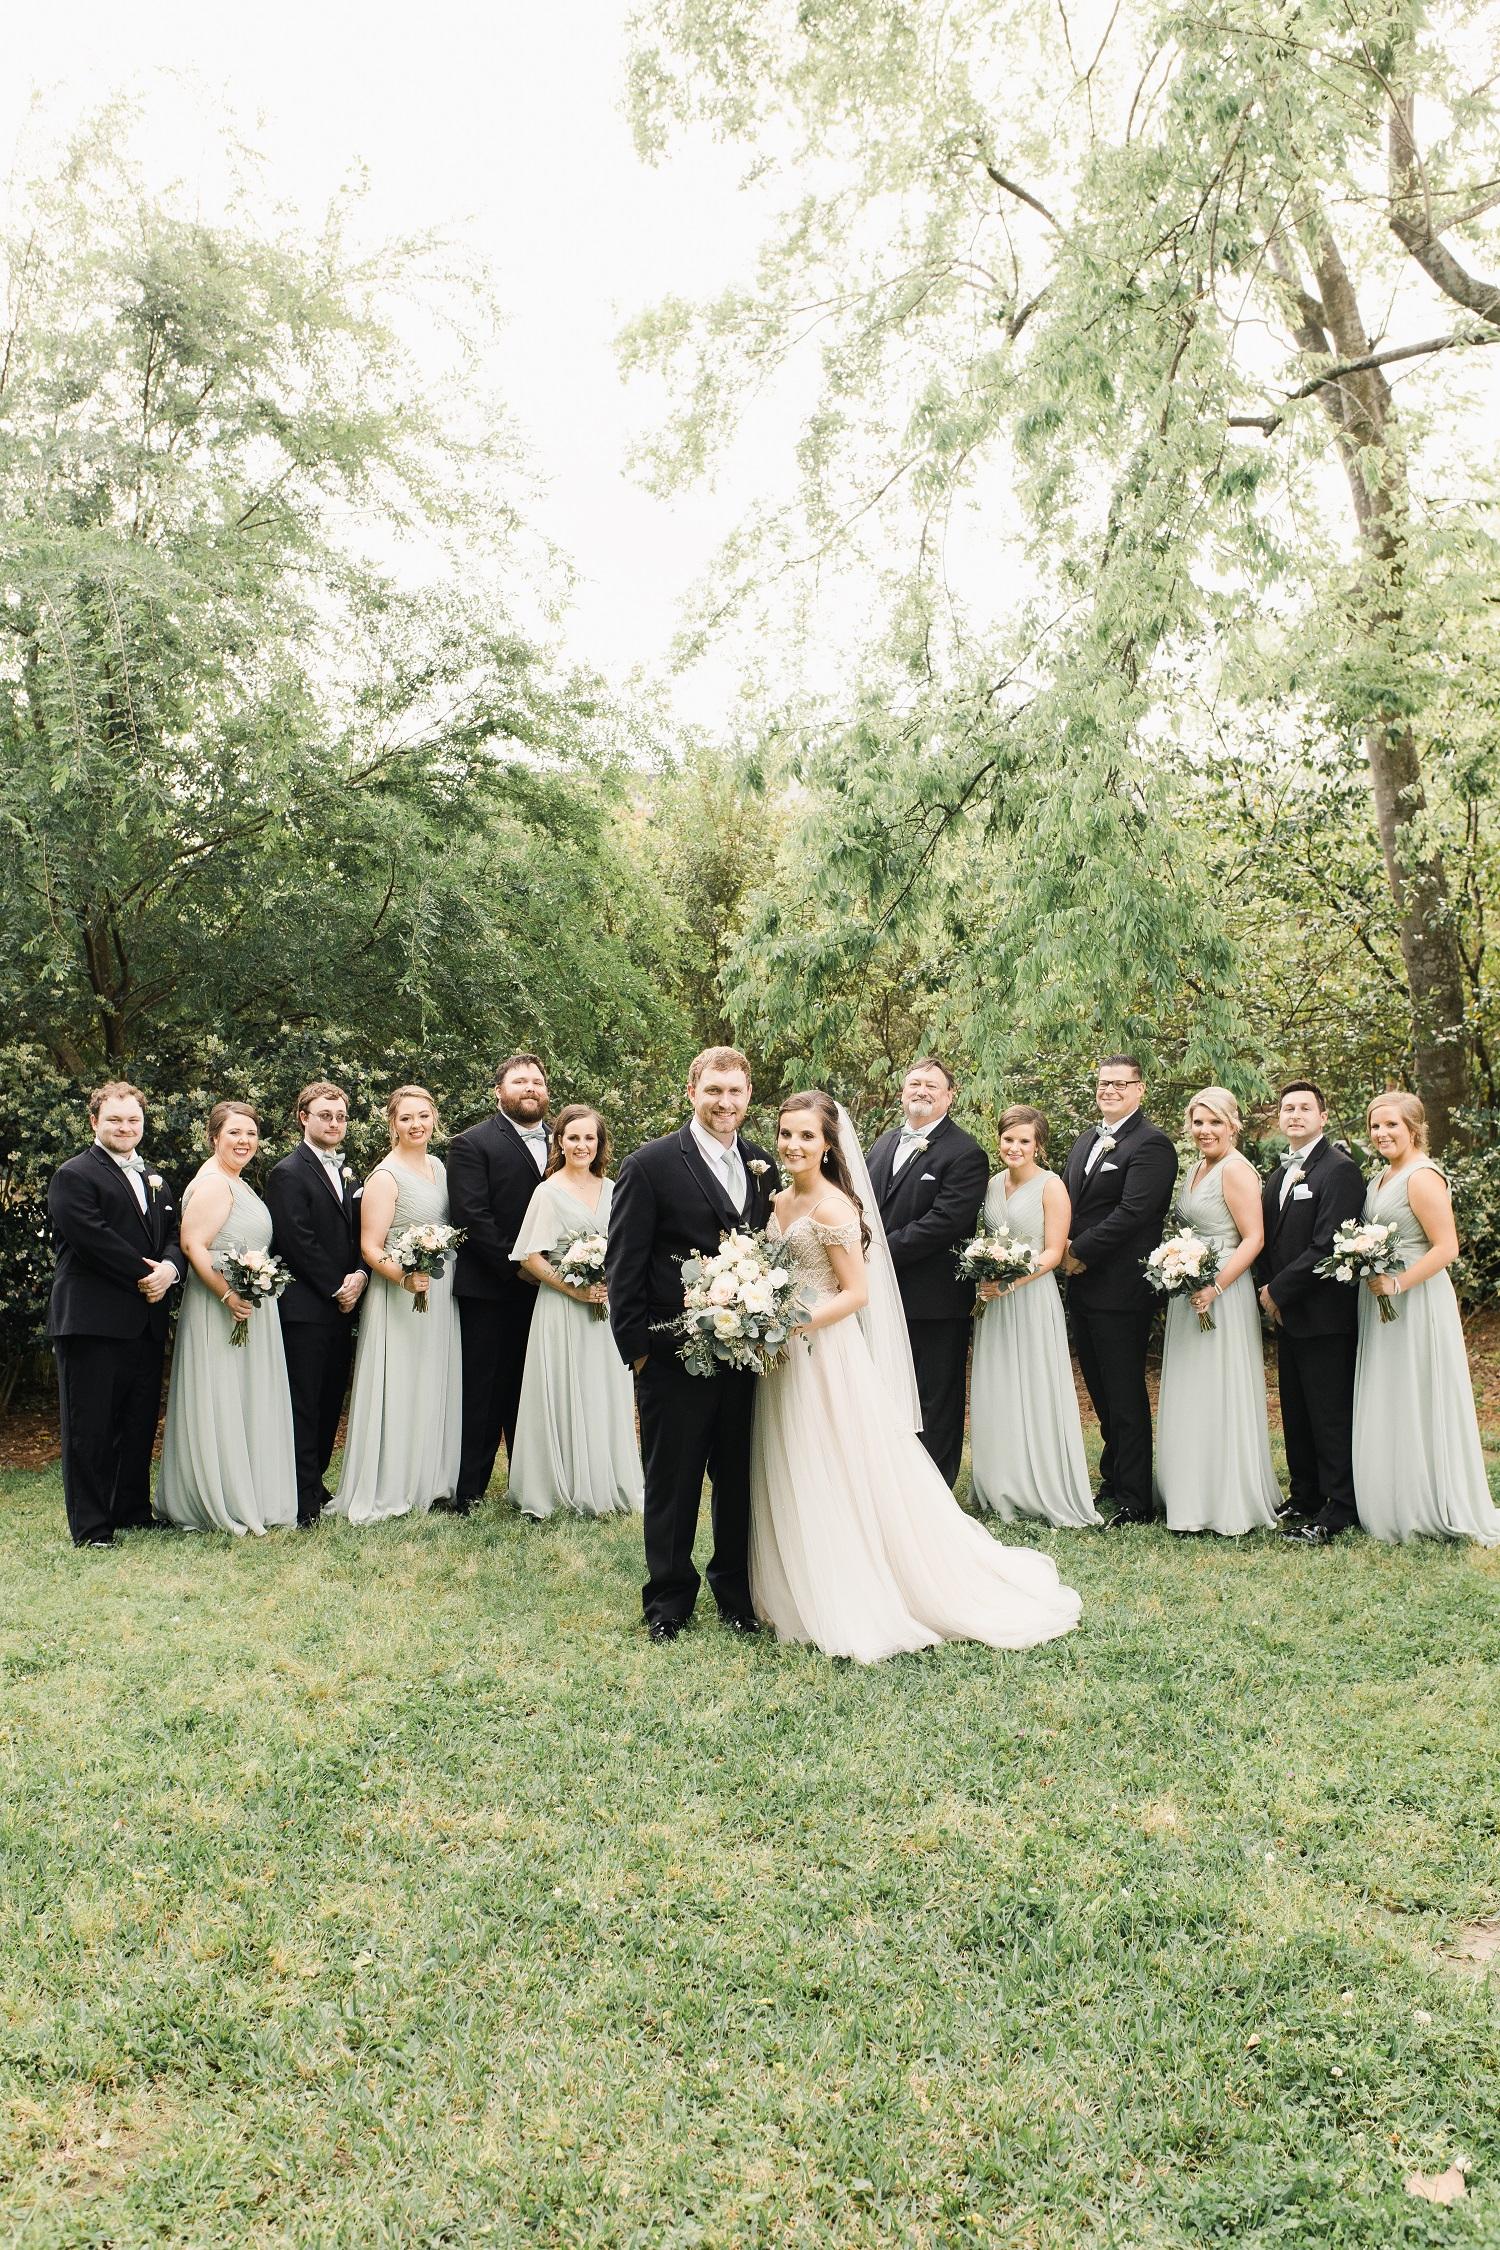 Stewart Wedding 2_-134.jpg